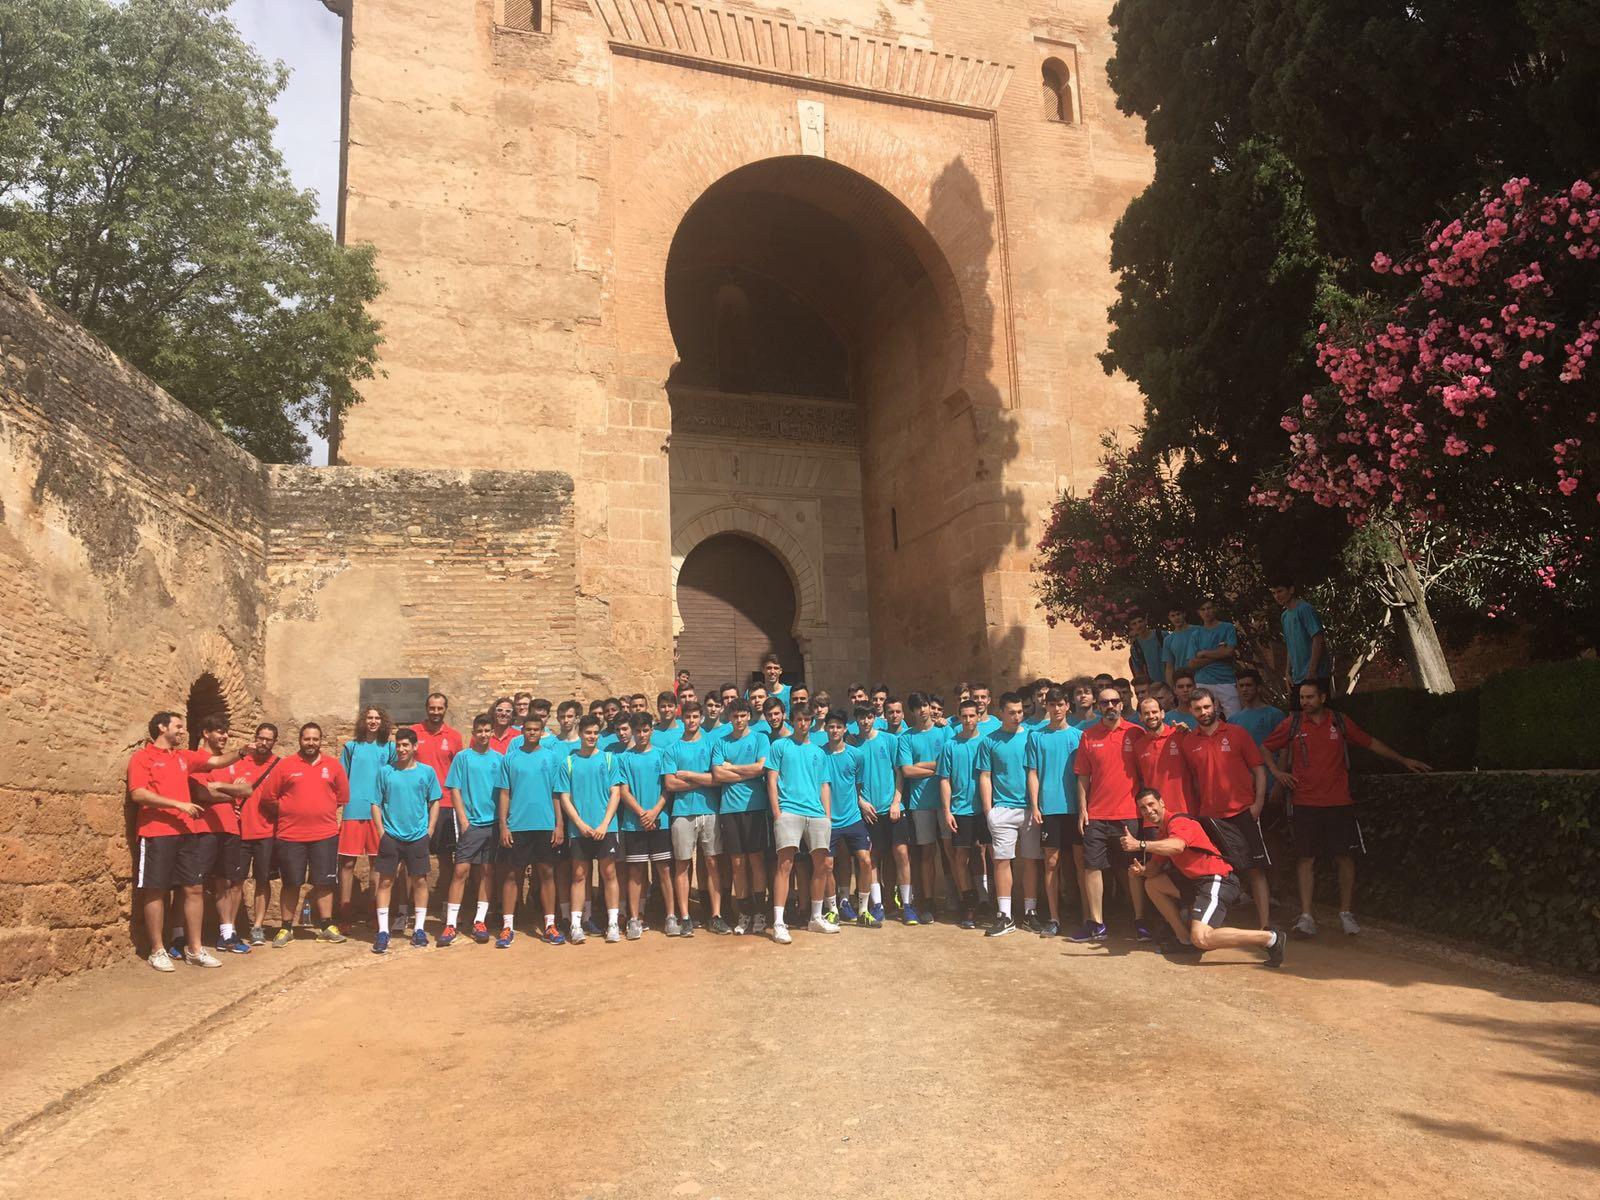 Visita a la Alhambra antes de reanudar la competición – Espacio ...